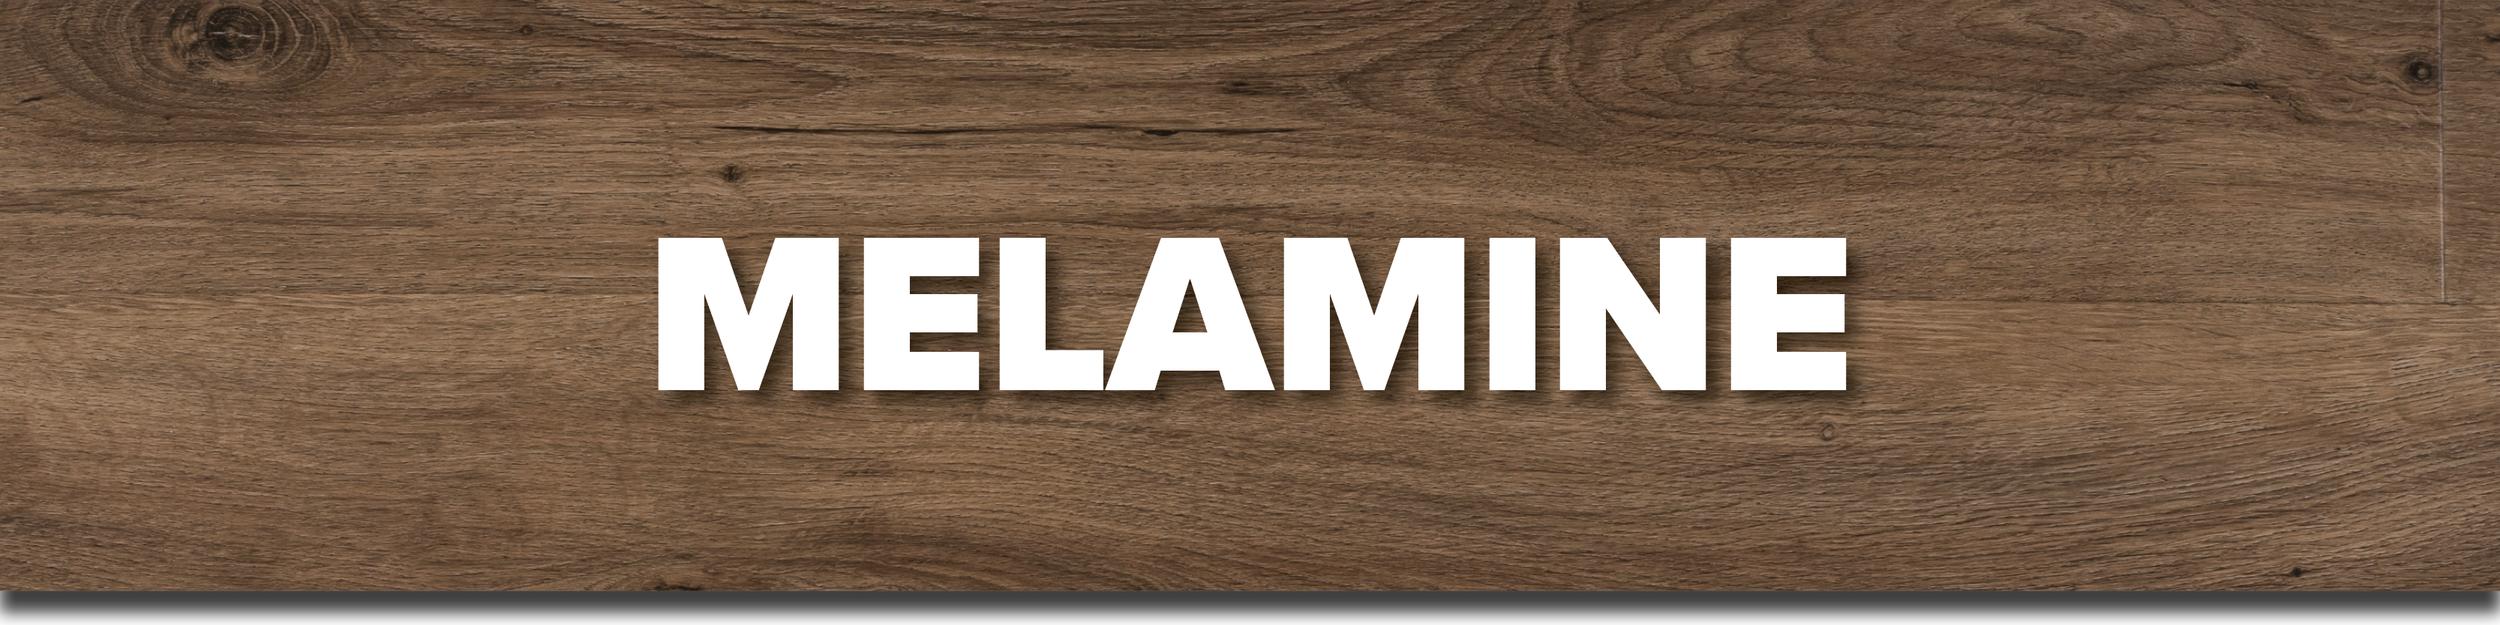 Melamine.png